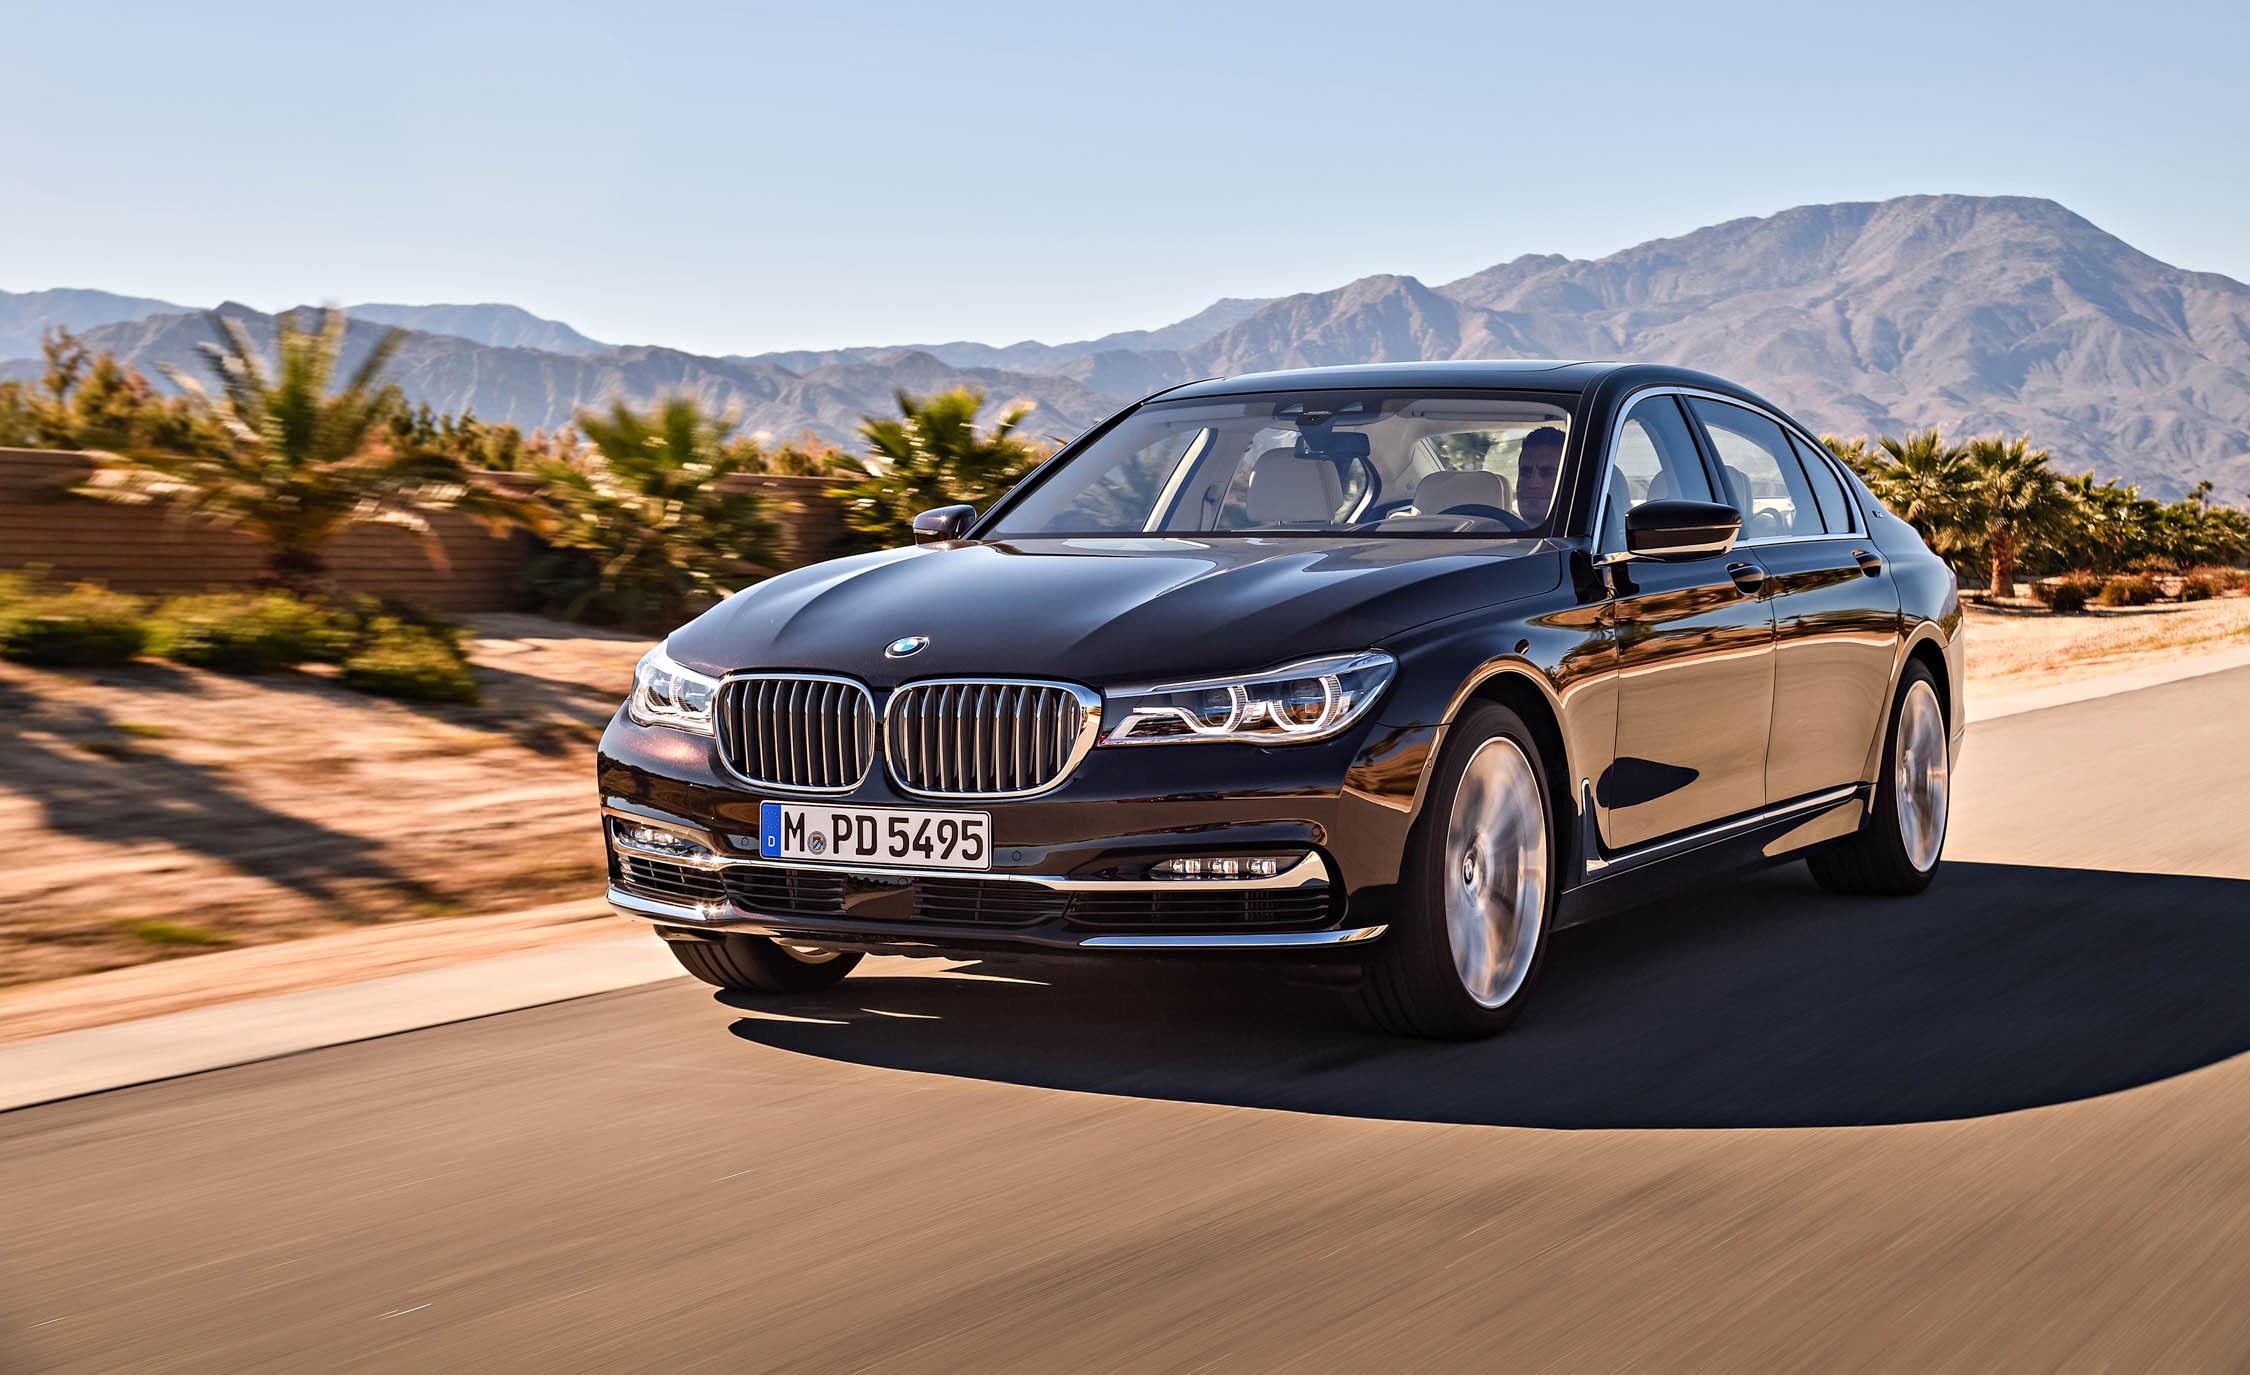 2017 BMW M760Li XDrive (View 67 of 76)